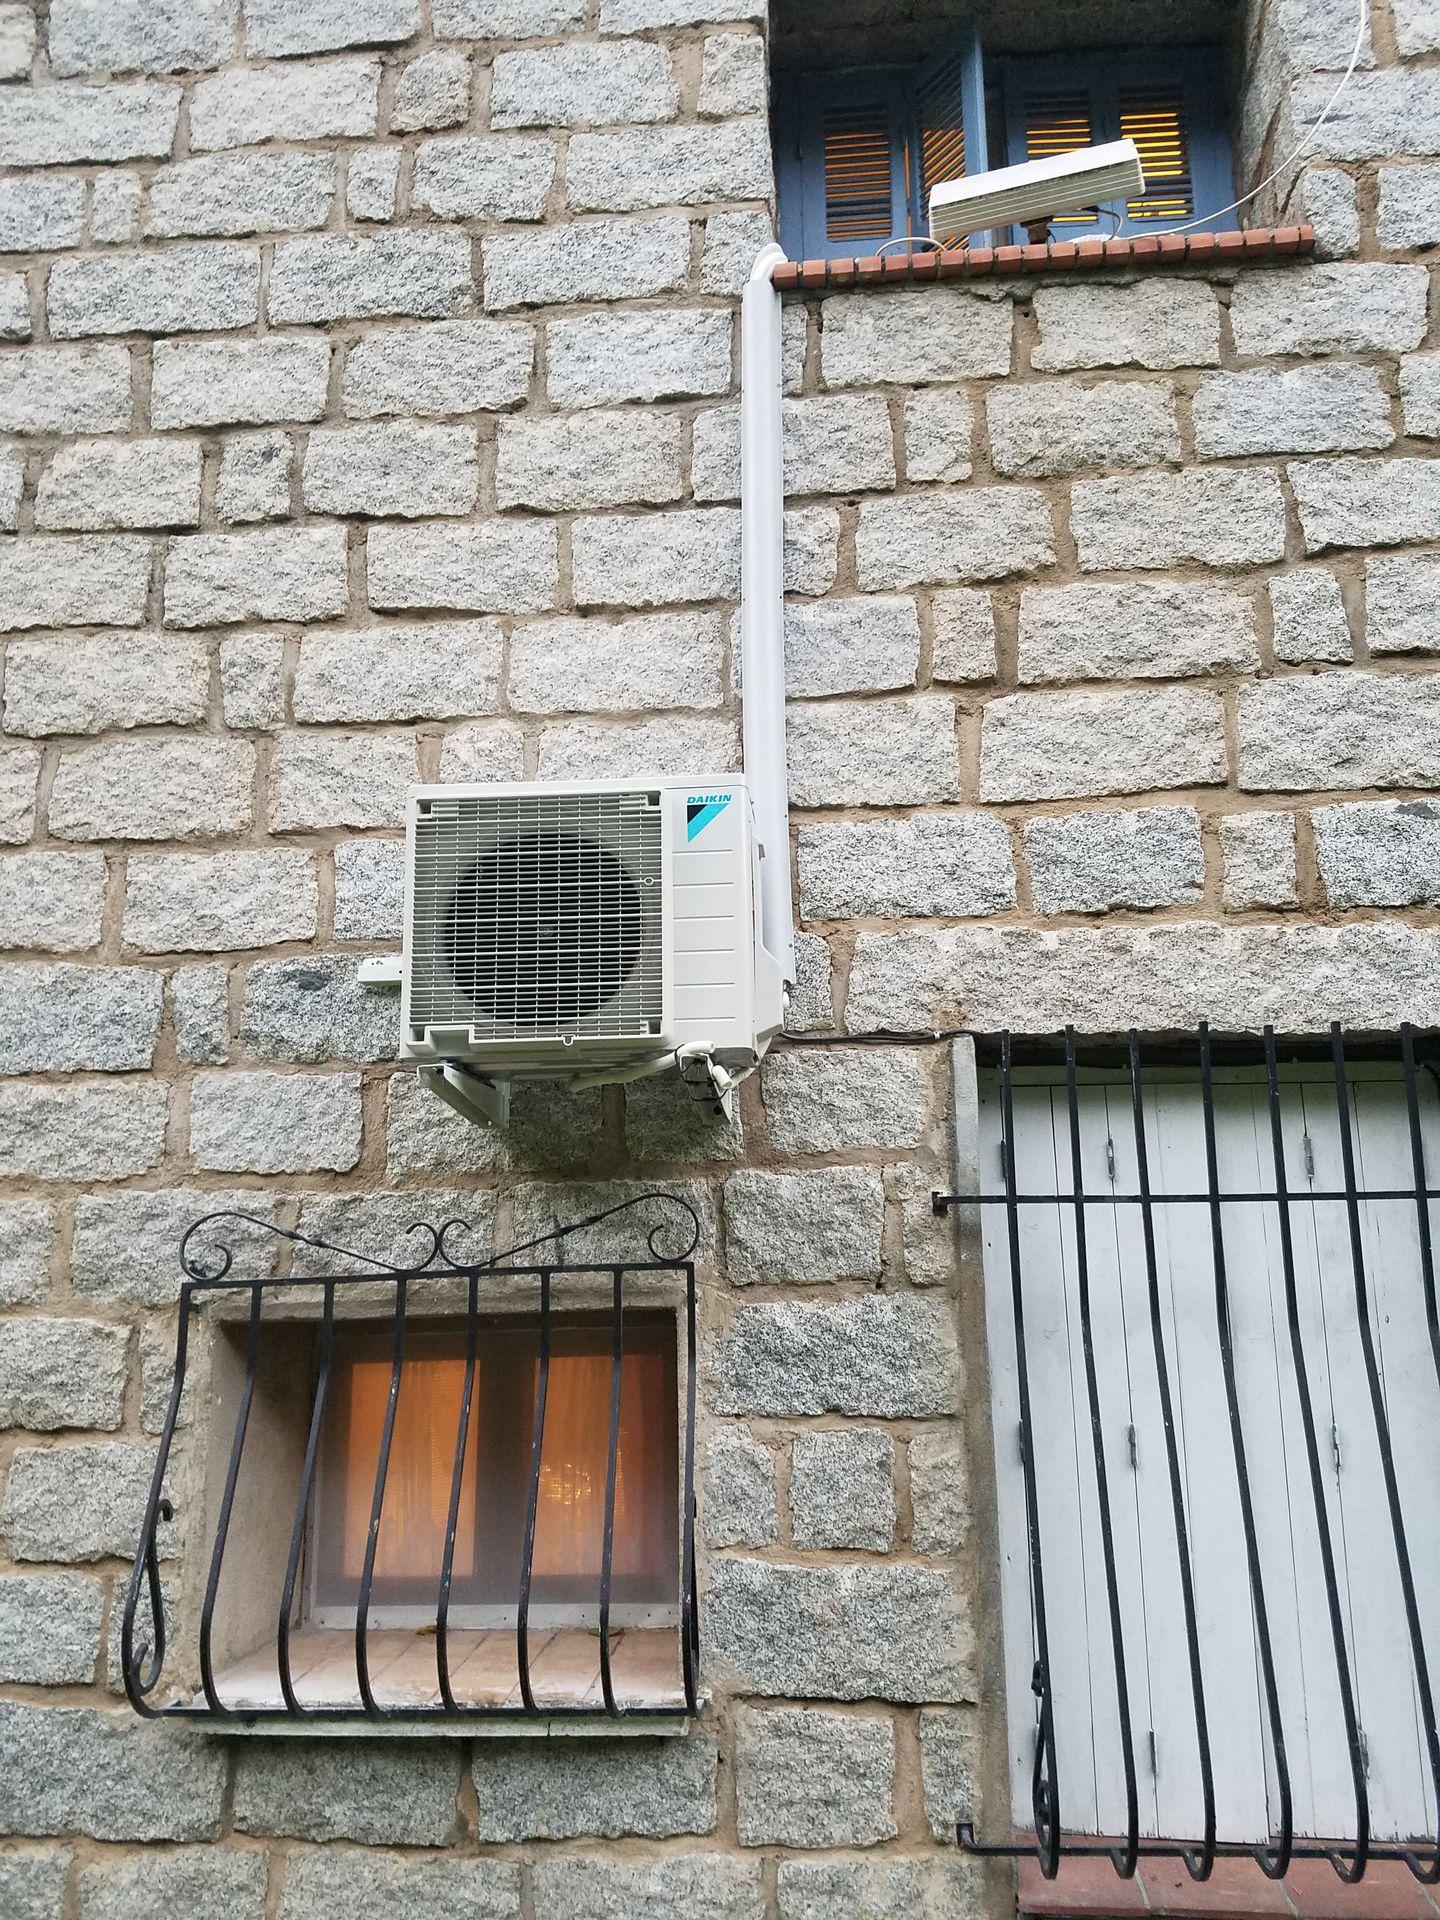 MC Climatisation climatisation, aération et ventilation (fabrication, distribution de matériel)